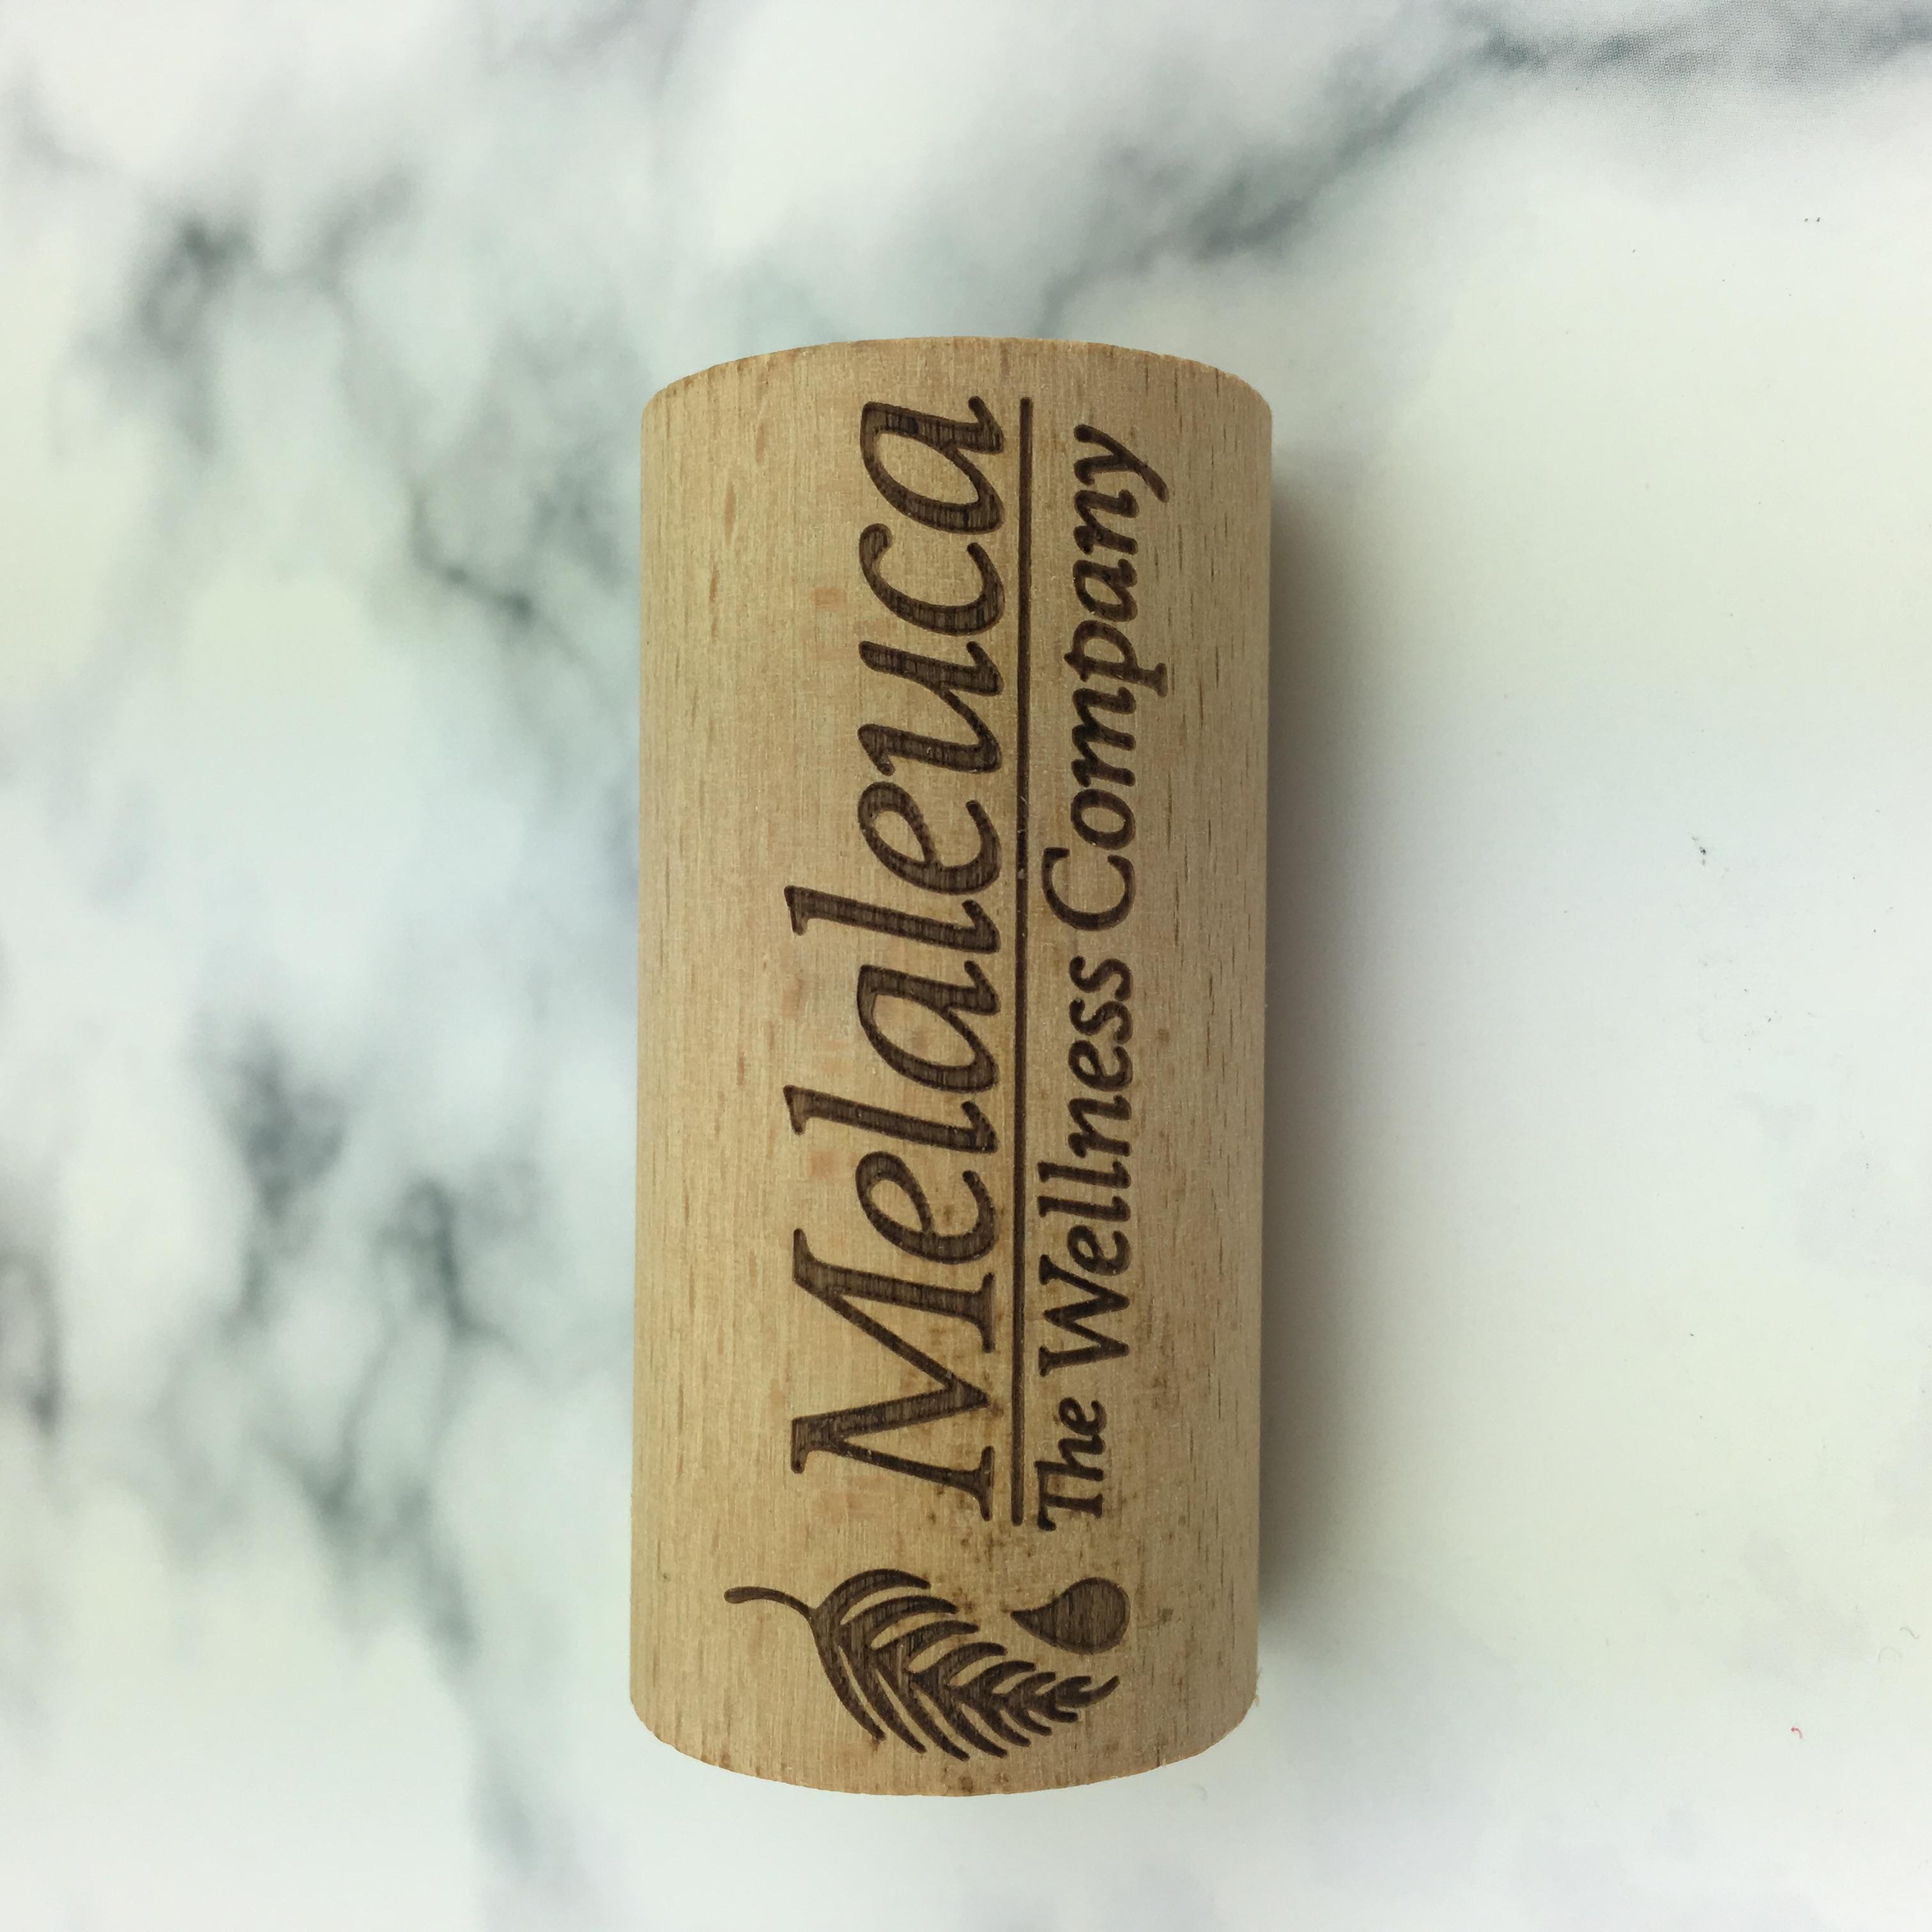 Tinh dầu lây lan hương gỗ hương liệu phụ kiện cho Merlot một nhóm hai miếng xốp sơn miễn phí